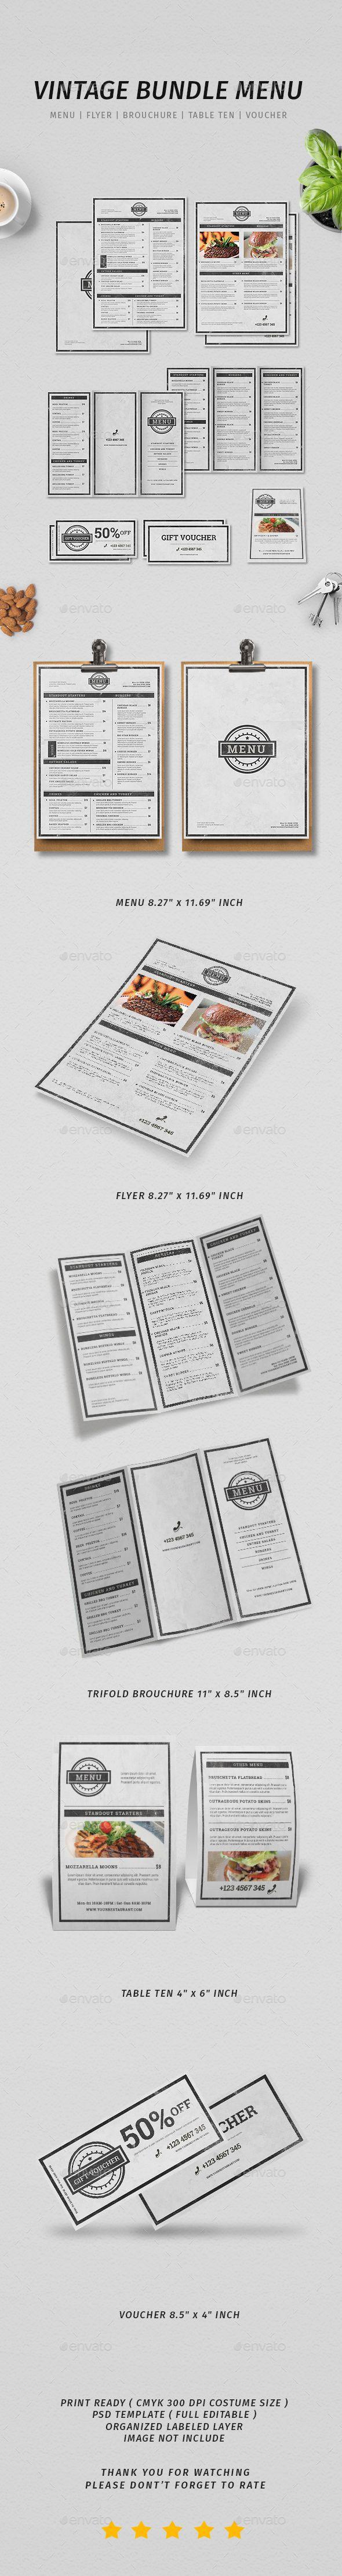 White apron menu warrington - Vintage Menu Bundle